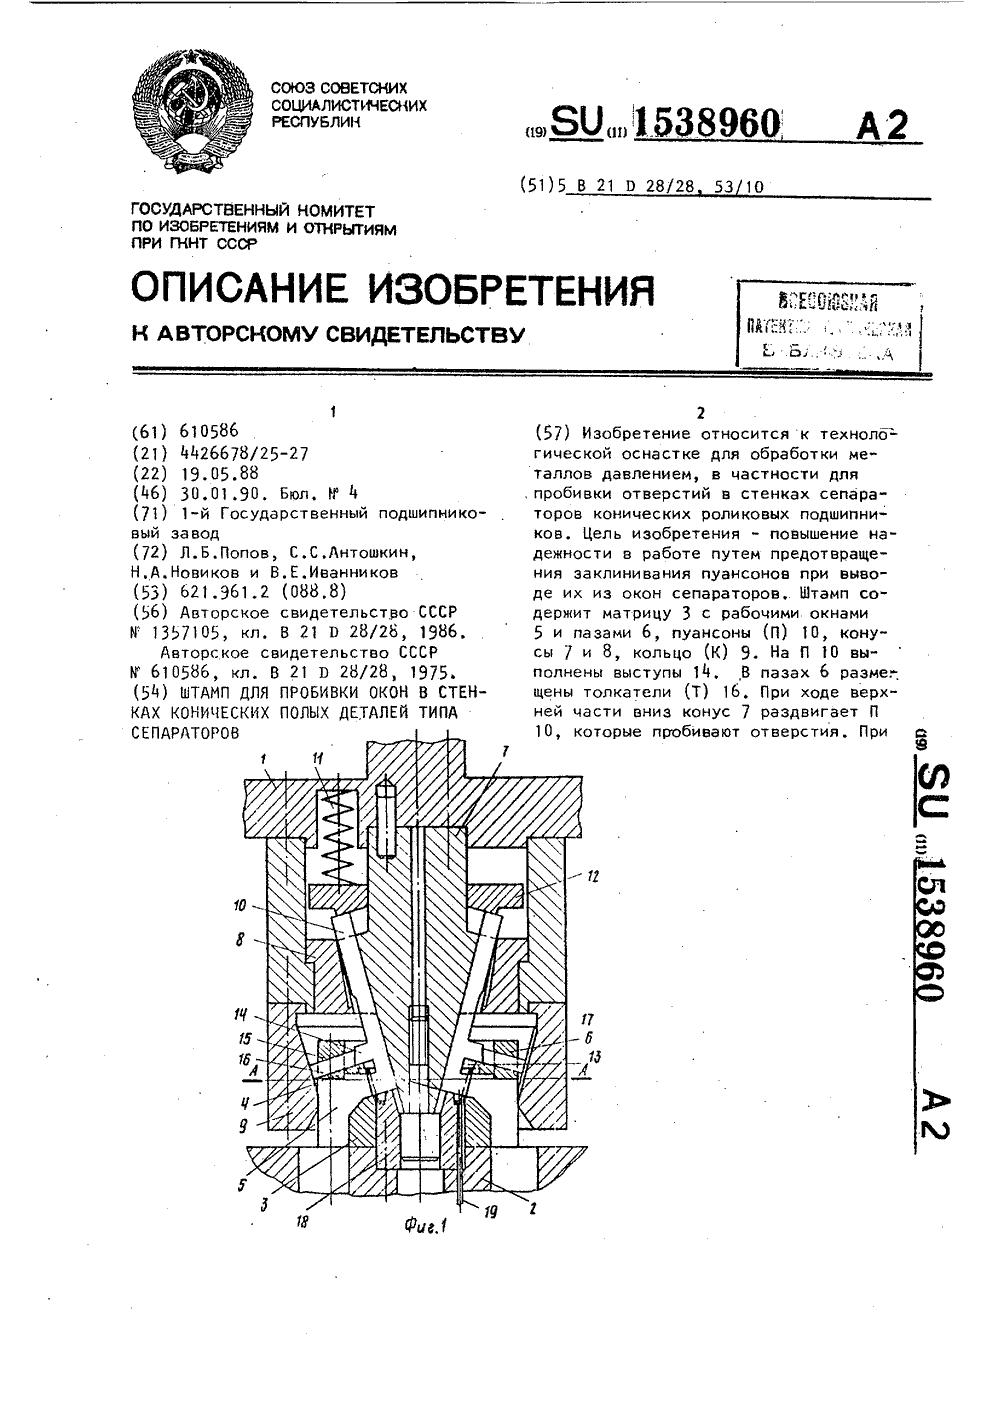 схема радиального склёпывания